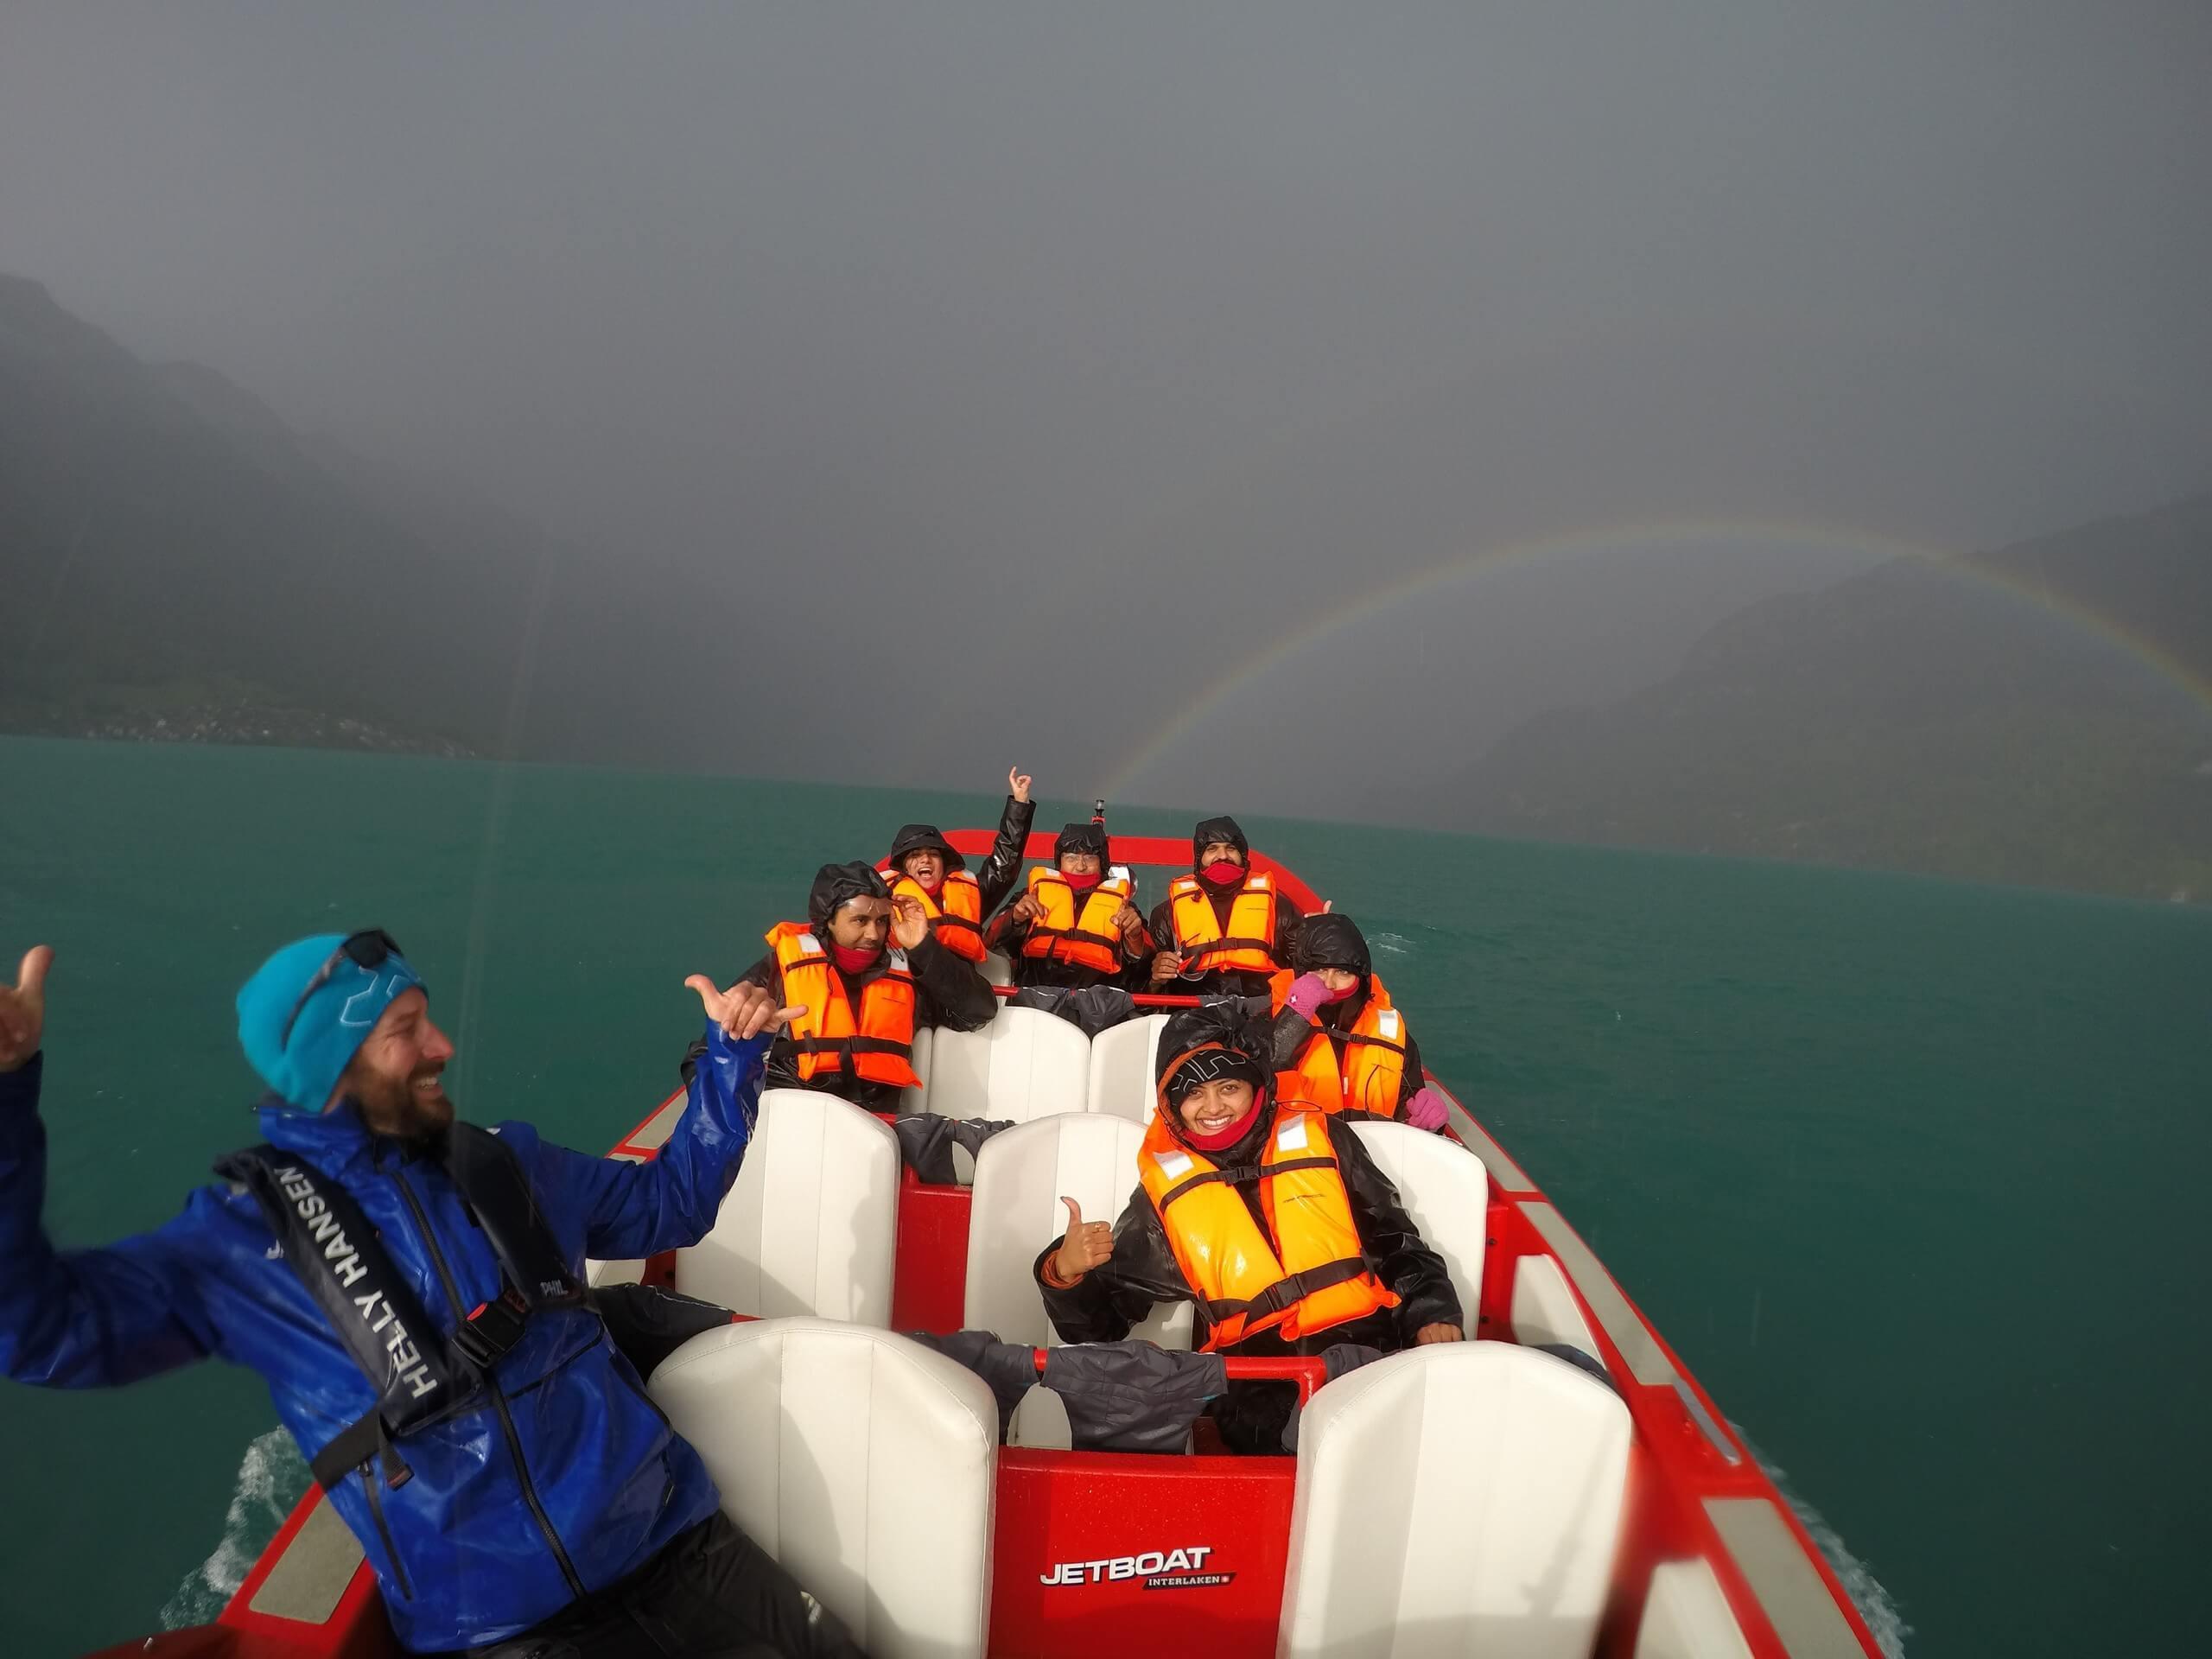 jetboat-regenwetter-asien-brienzersee-regenwettertipps